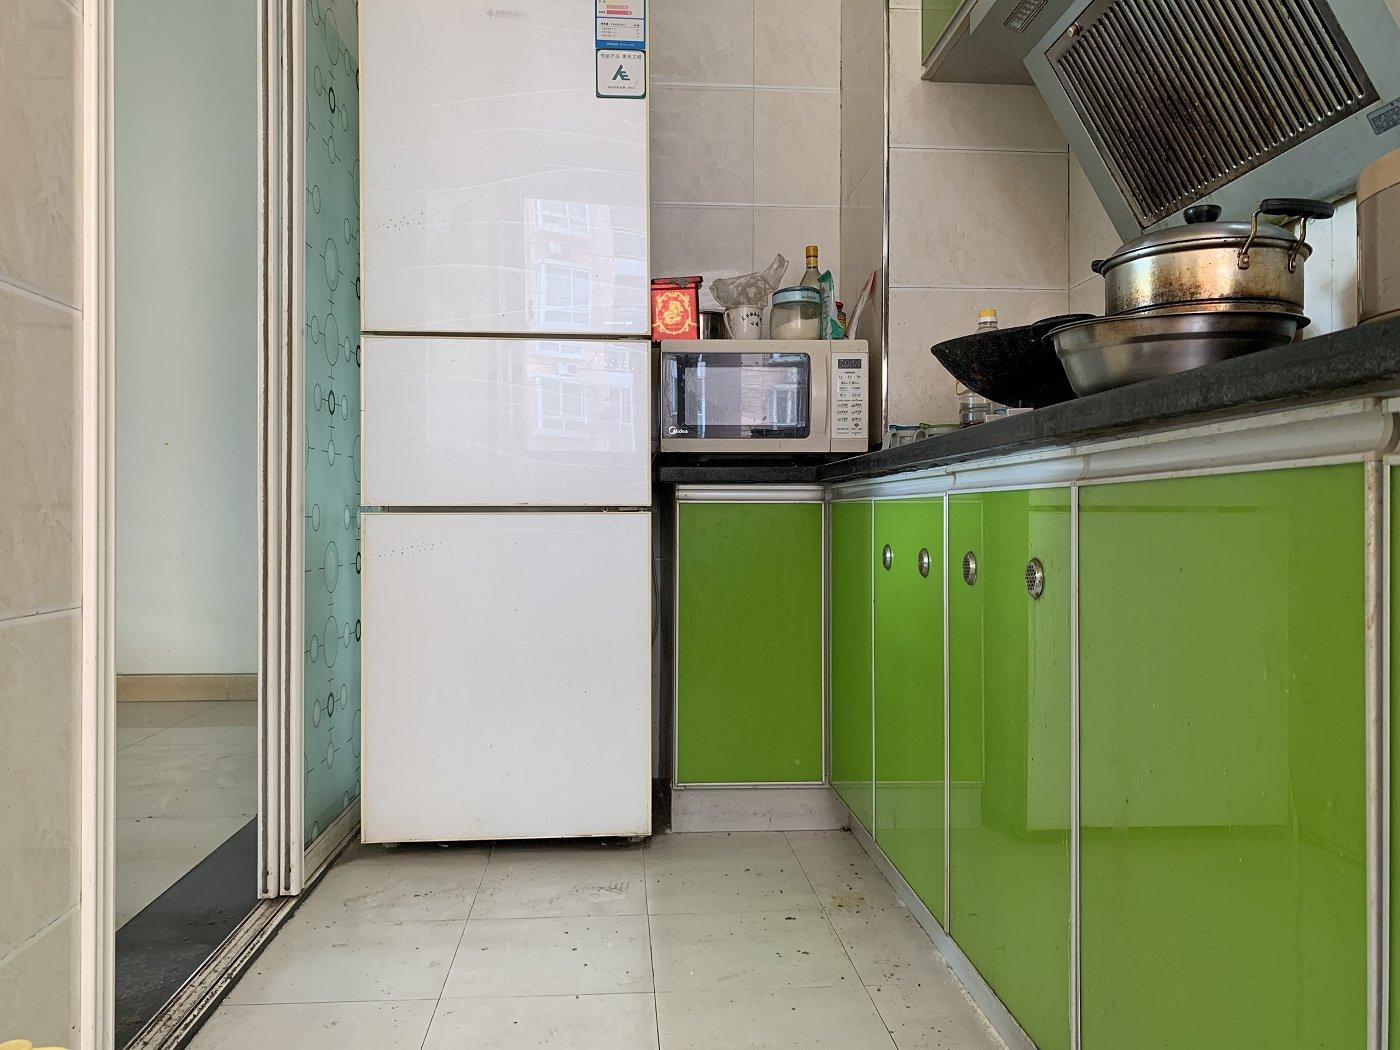 南坪东路 阳光华庭二房97万二手房厨房及卫生间图